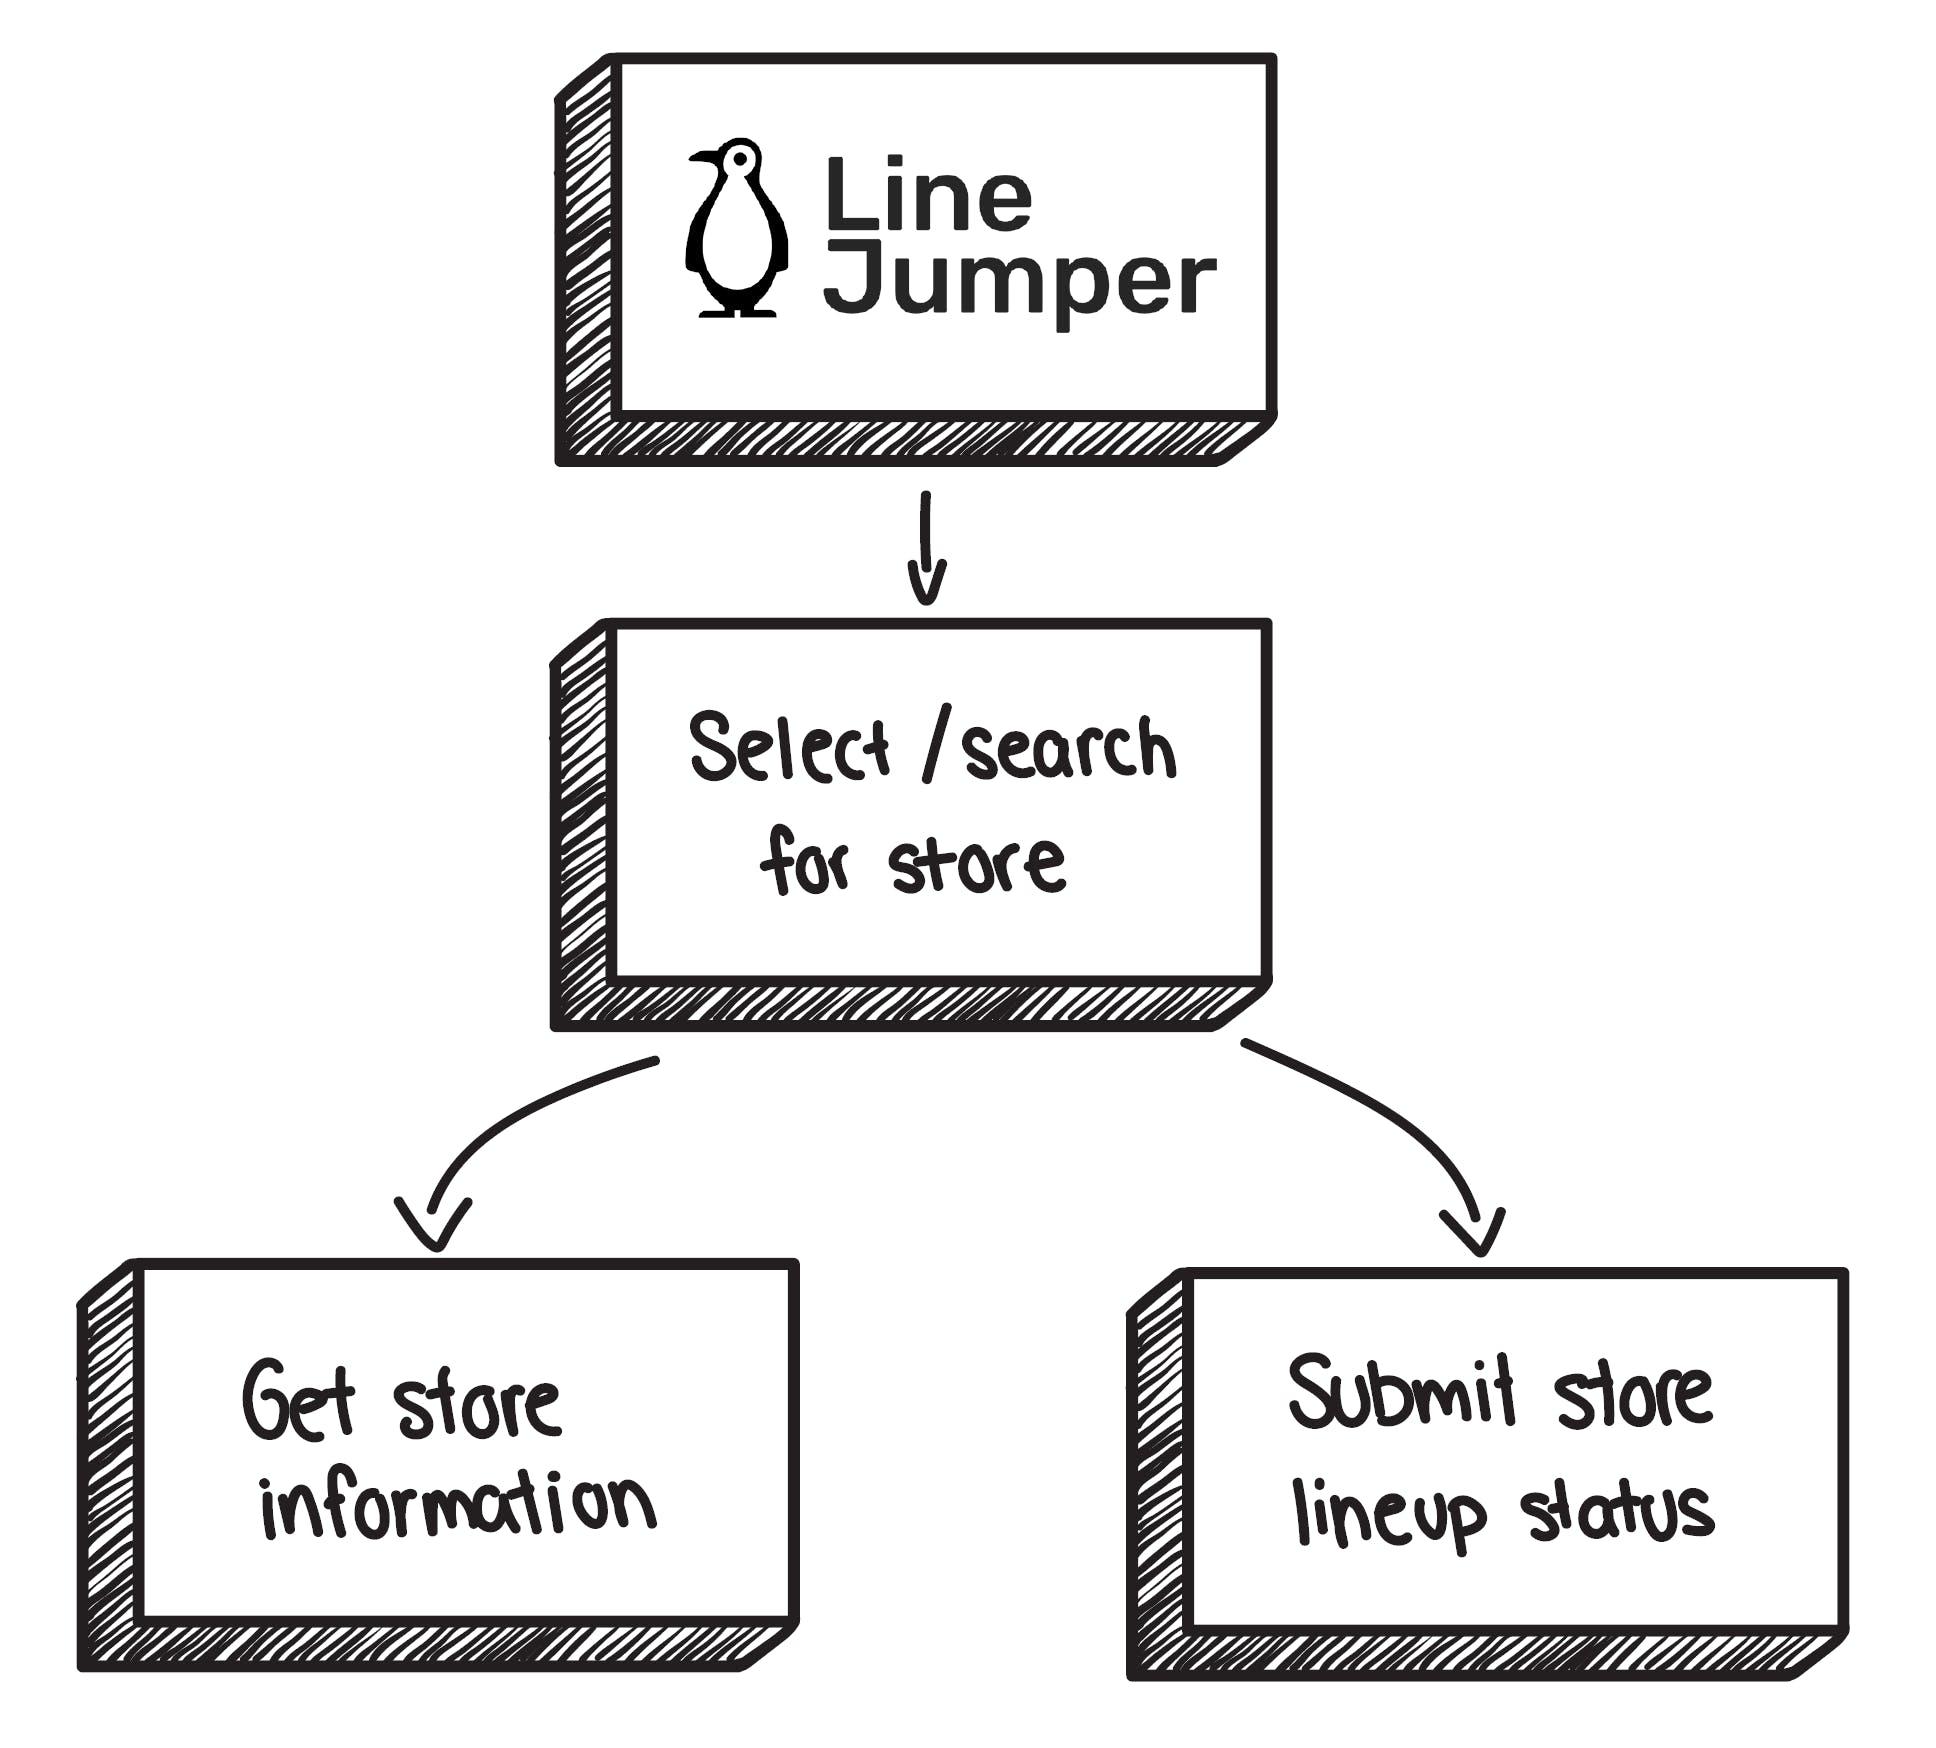 Line Jumper